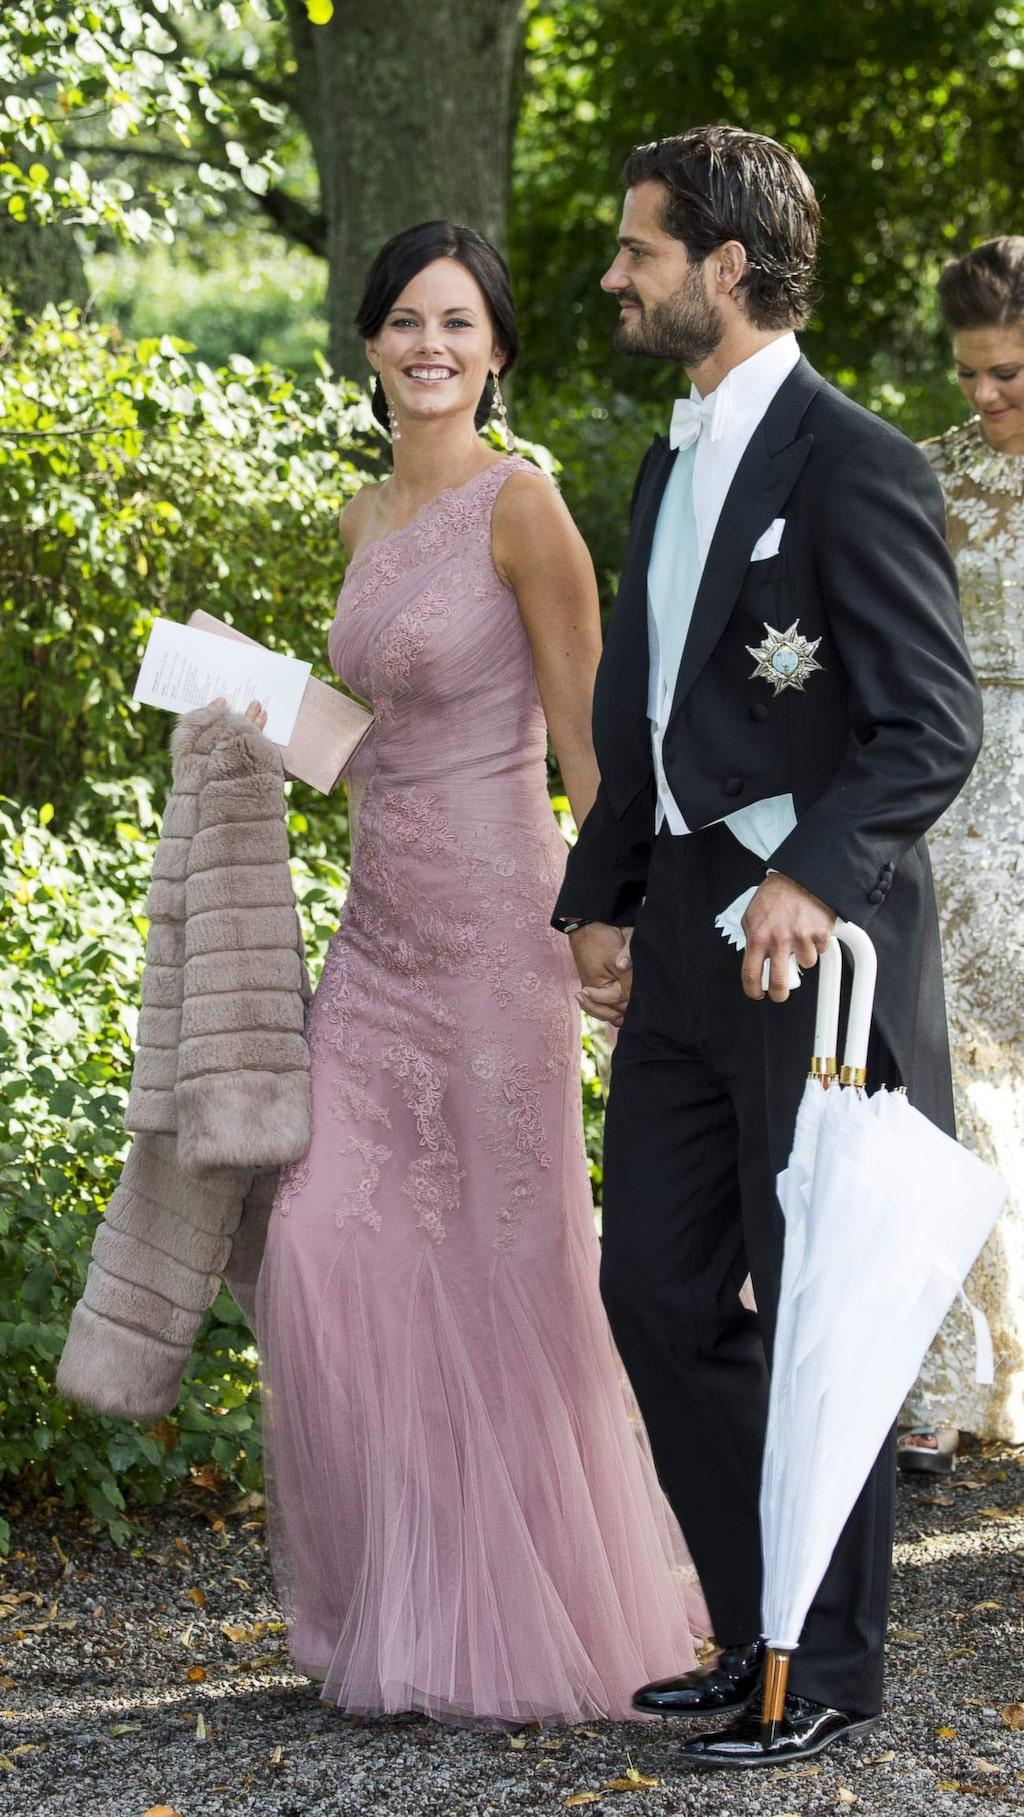 Prinsessan Sofia i rosa långklänning tillsammans med prins Carl Philip på ett bröllop.